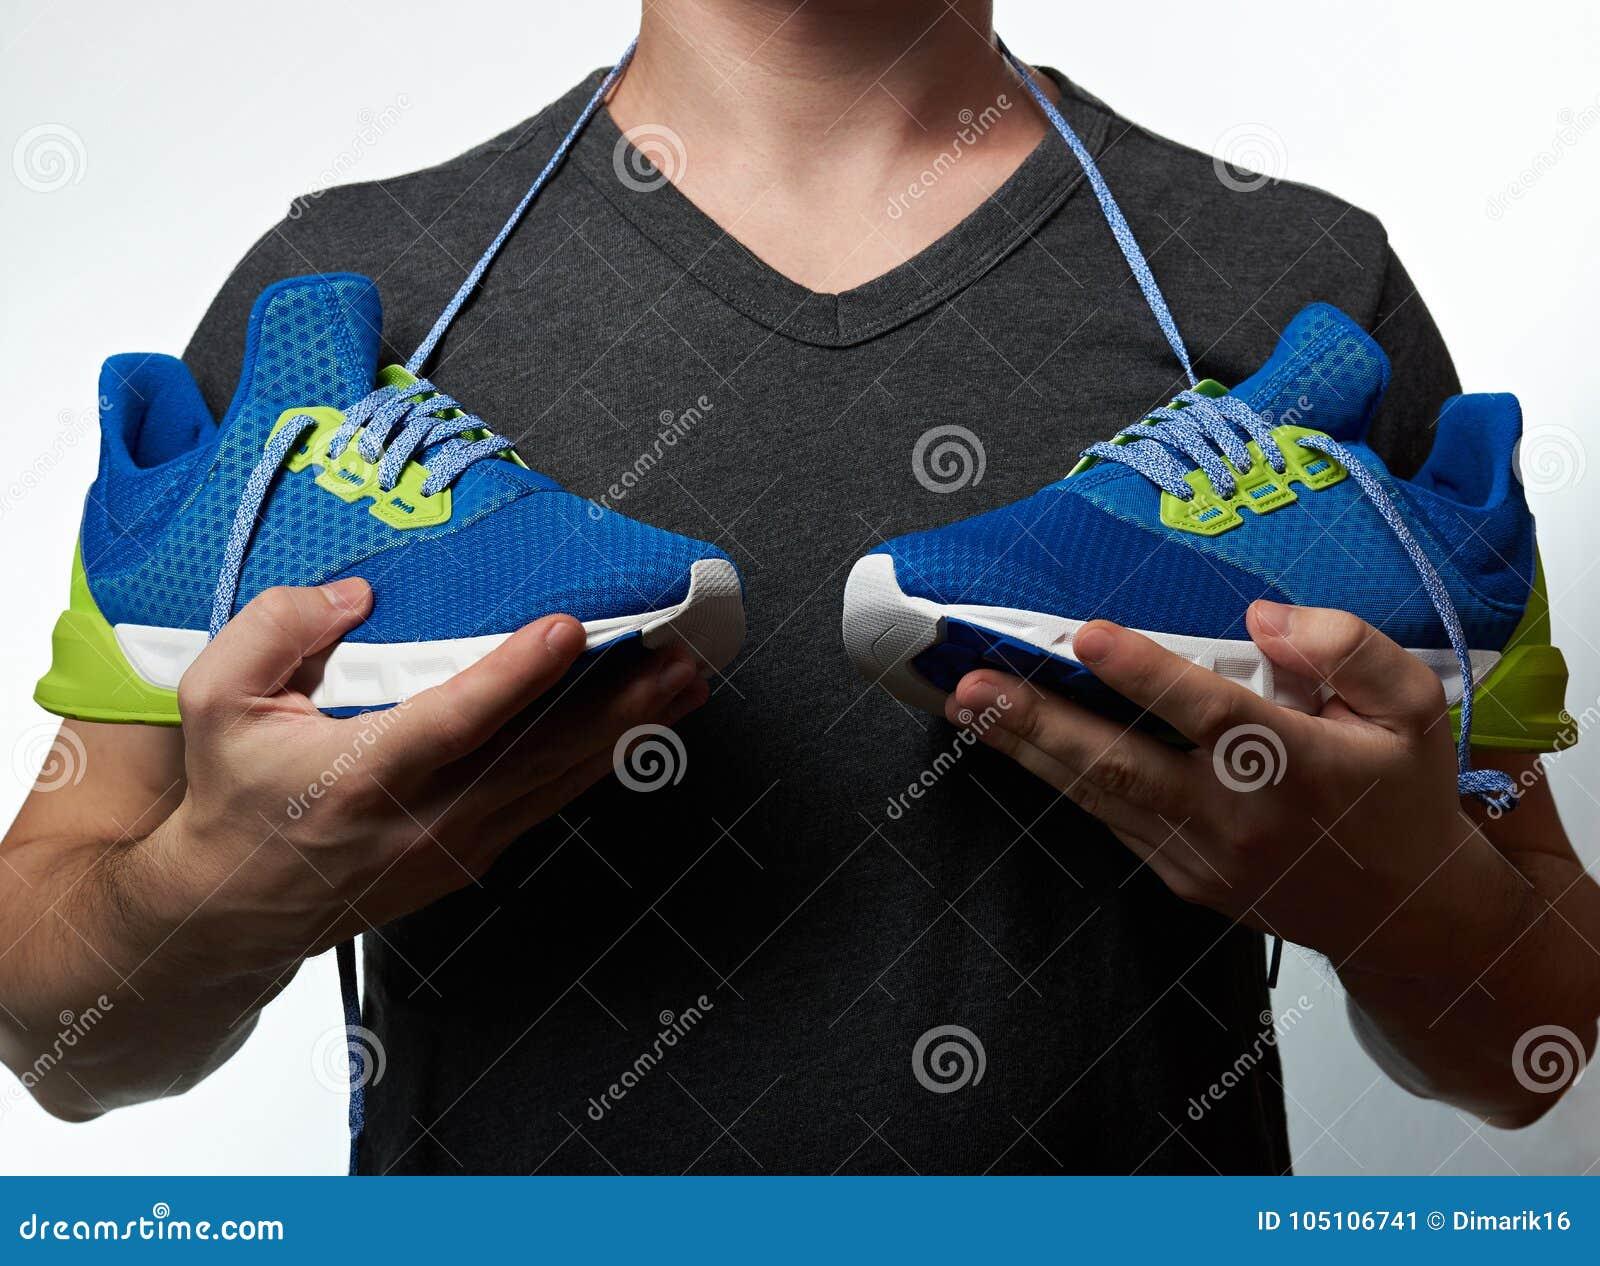 Modernas Las Que Hombre Zapatillas Imagen Deportivas De Sostiene qPxqwRX1v